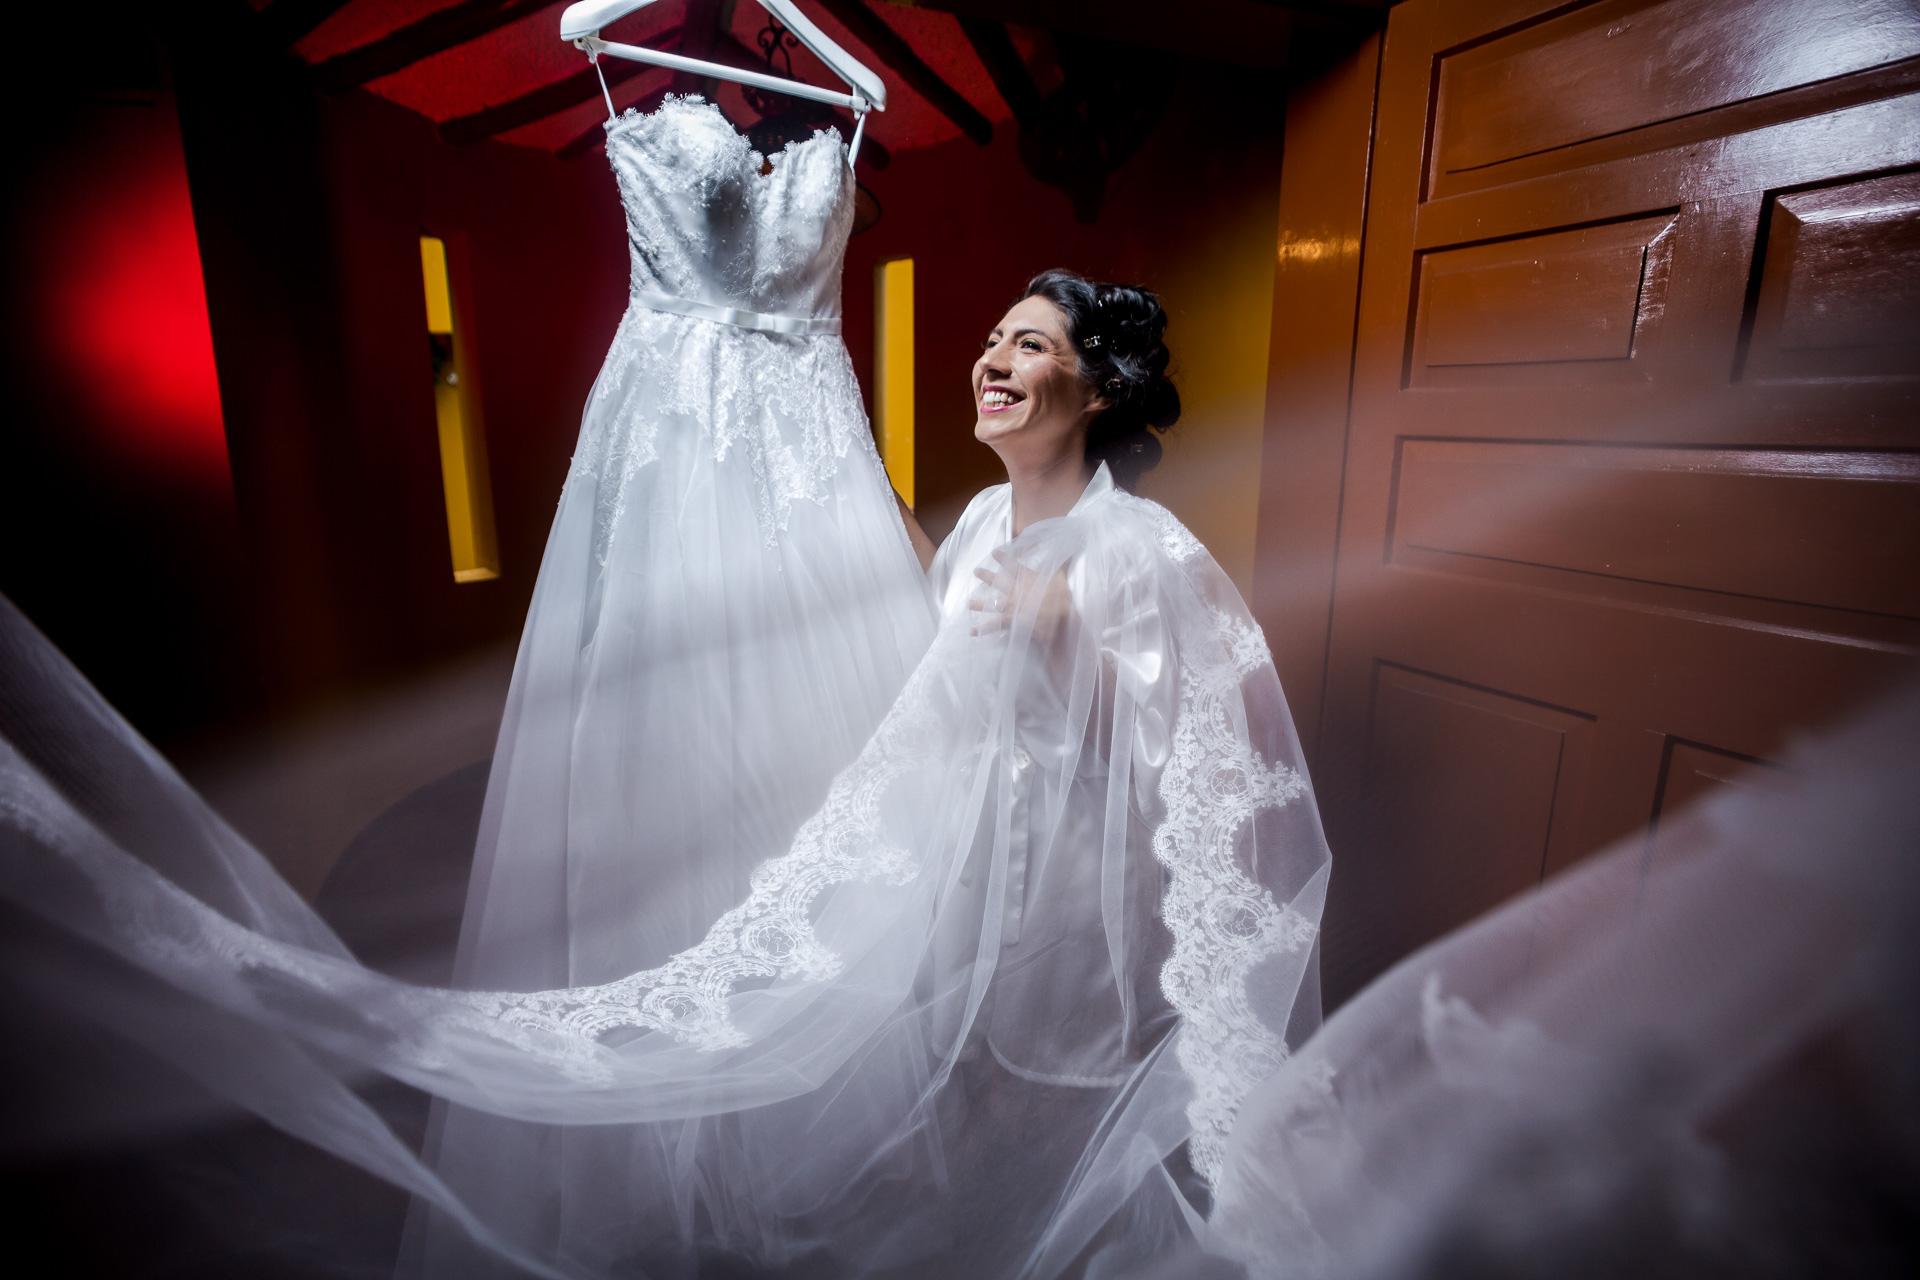 Fotógrafos-de-bodas-en-Colombia-Angela-y-Antonio-9 ANGELA Y ANTONIO